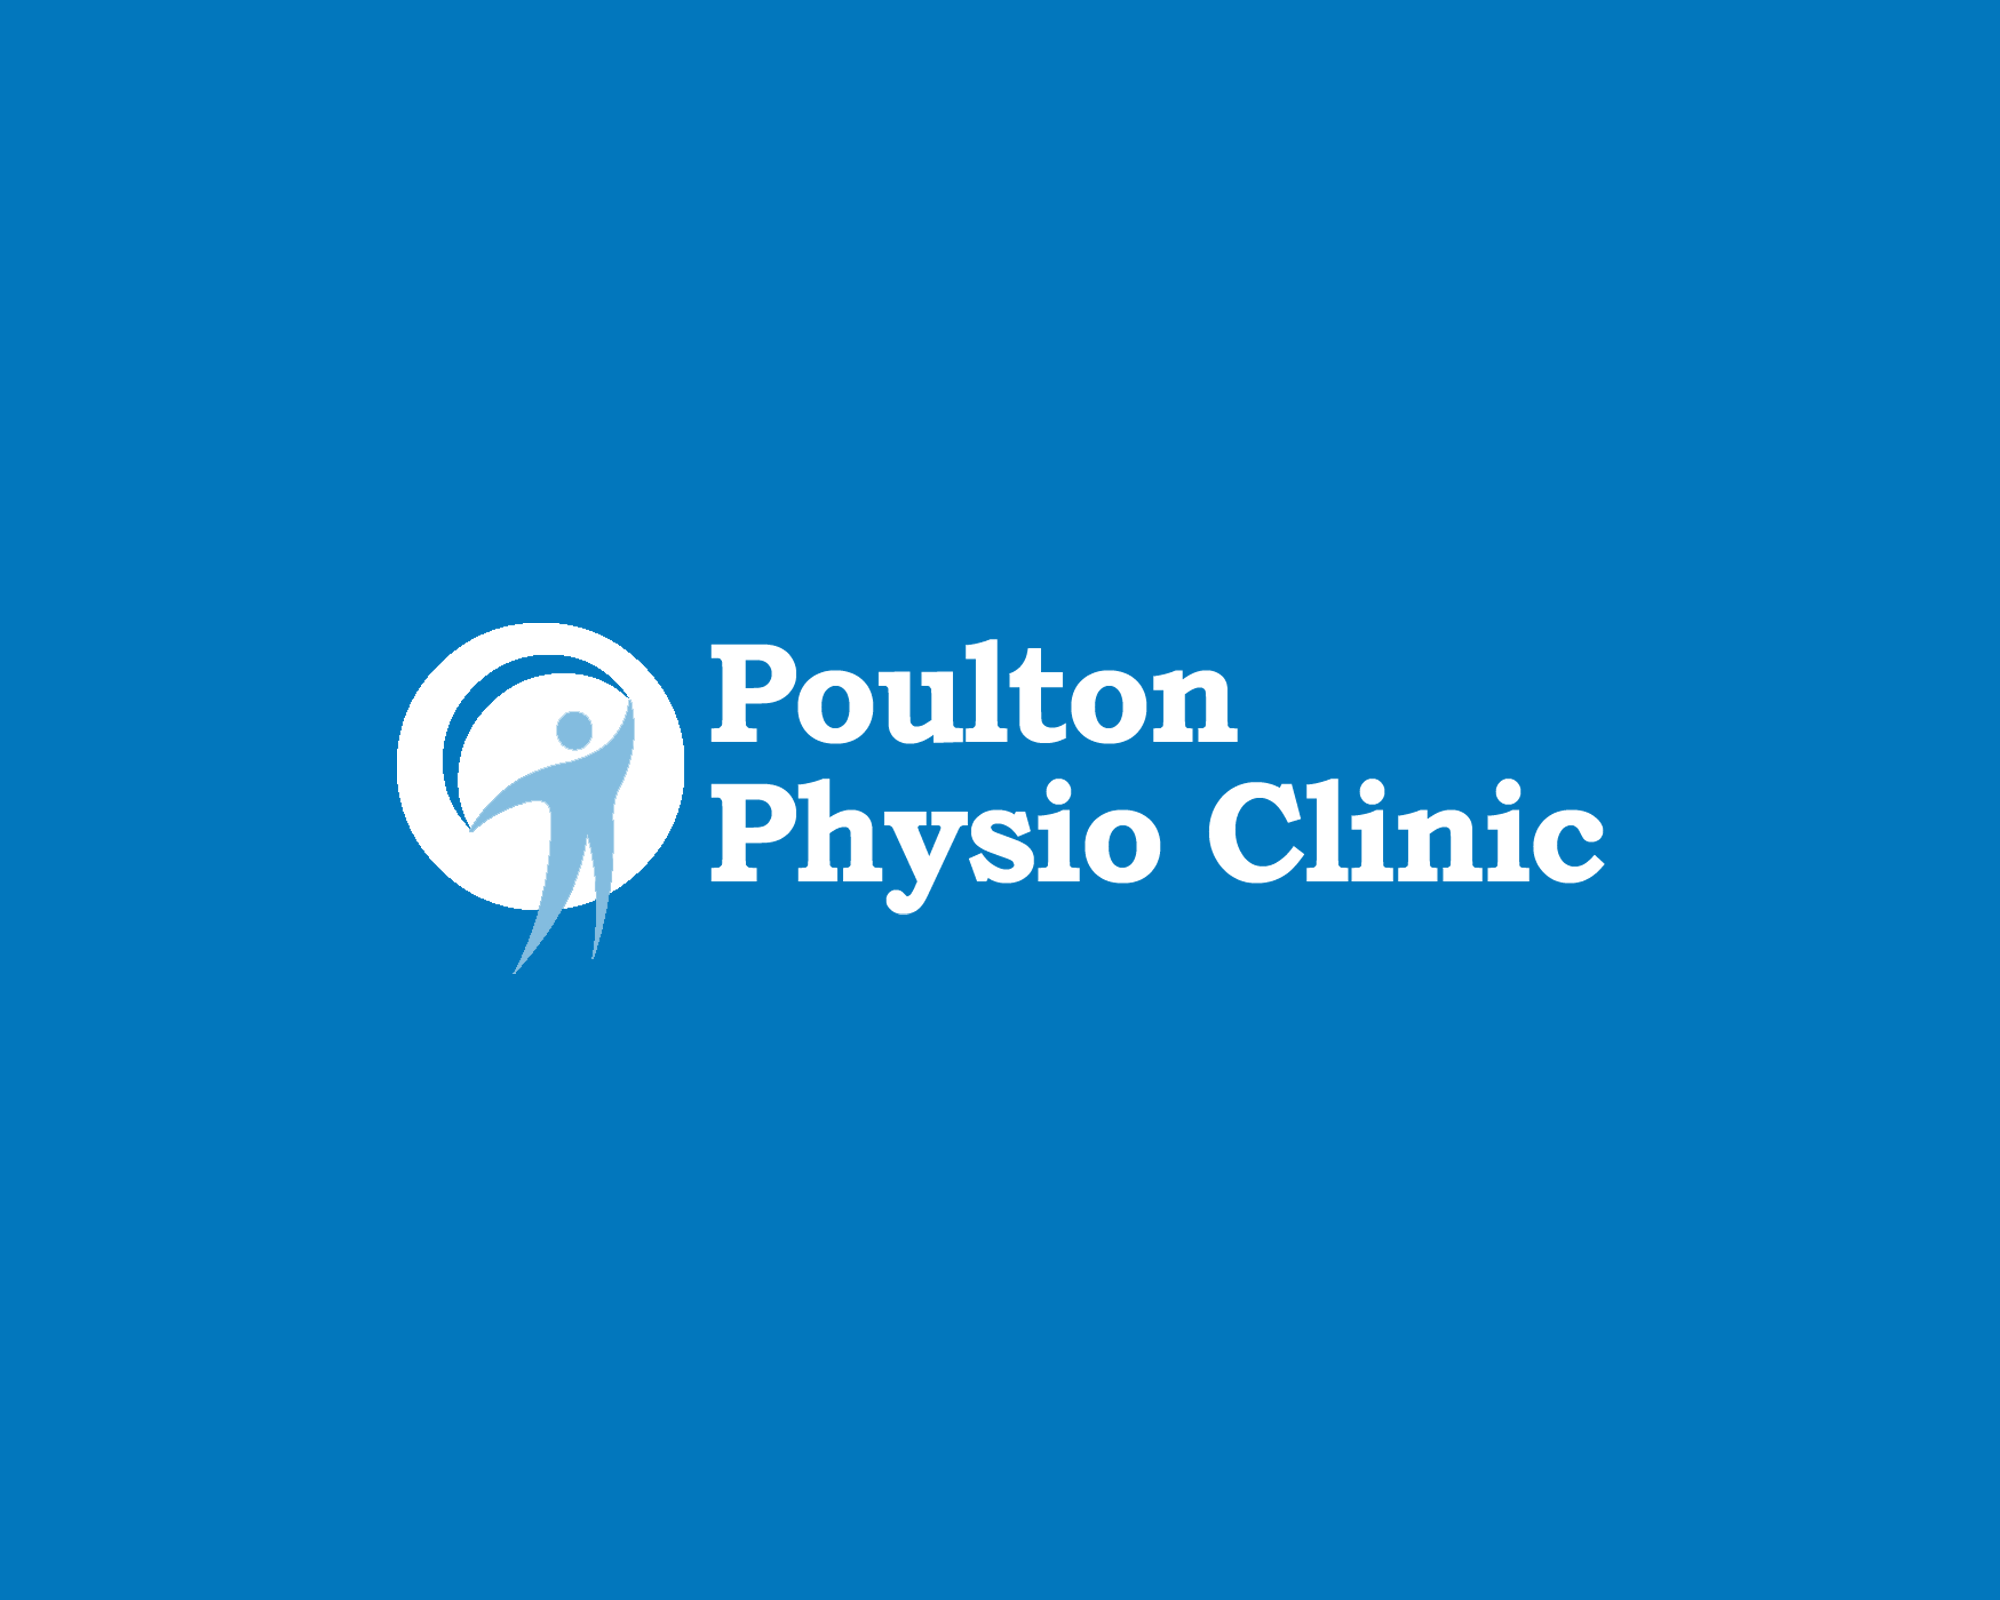 poulton physio clinic Logo